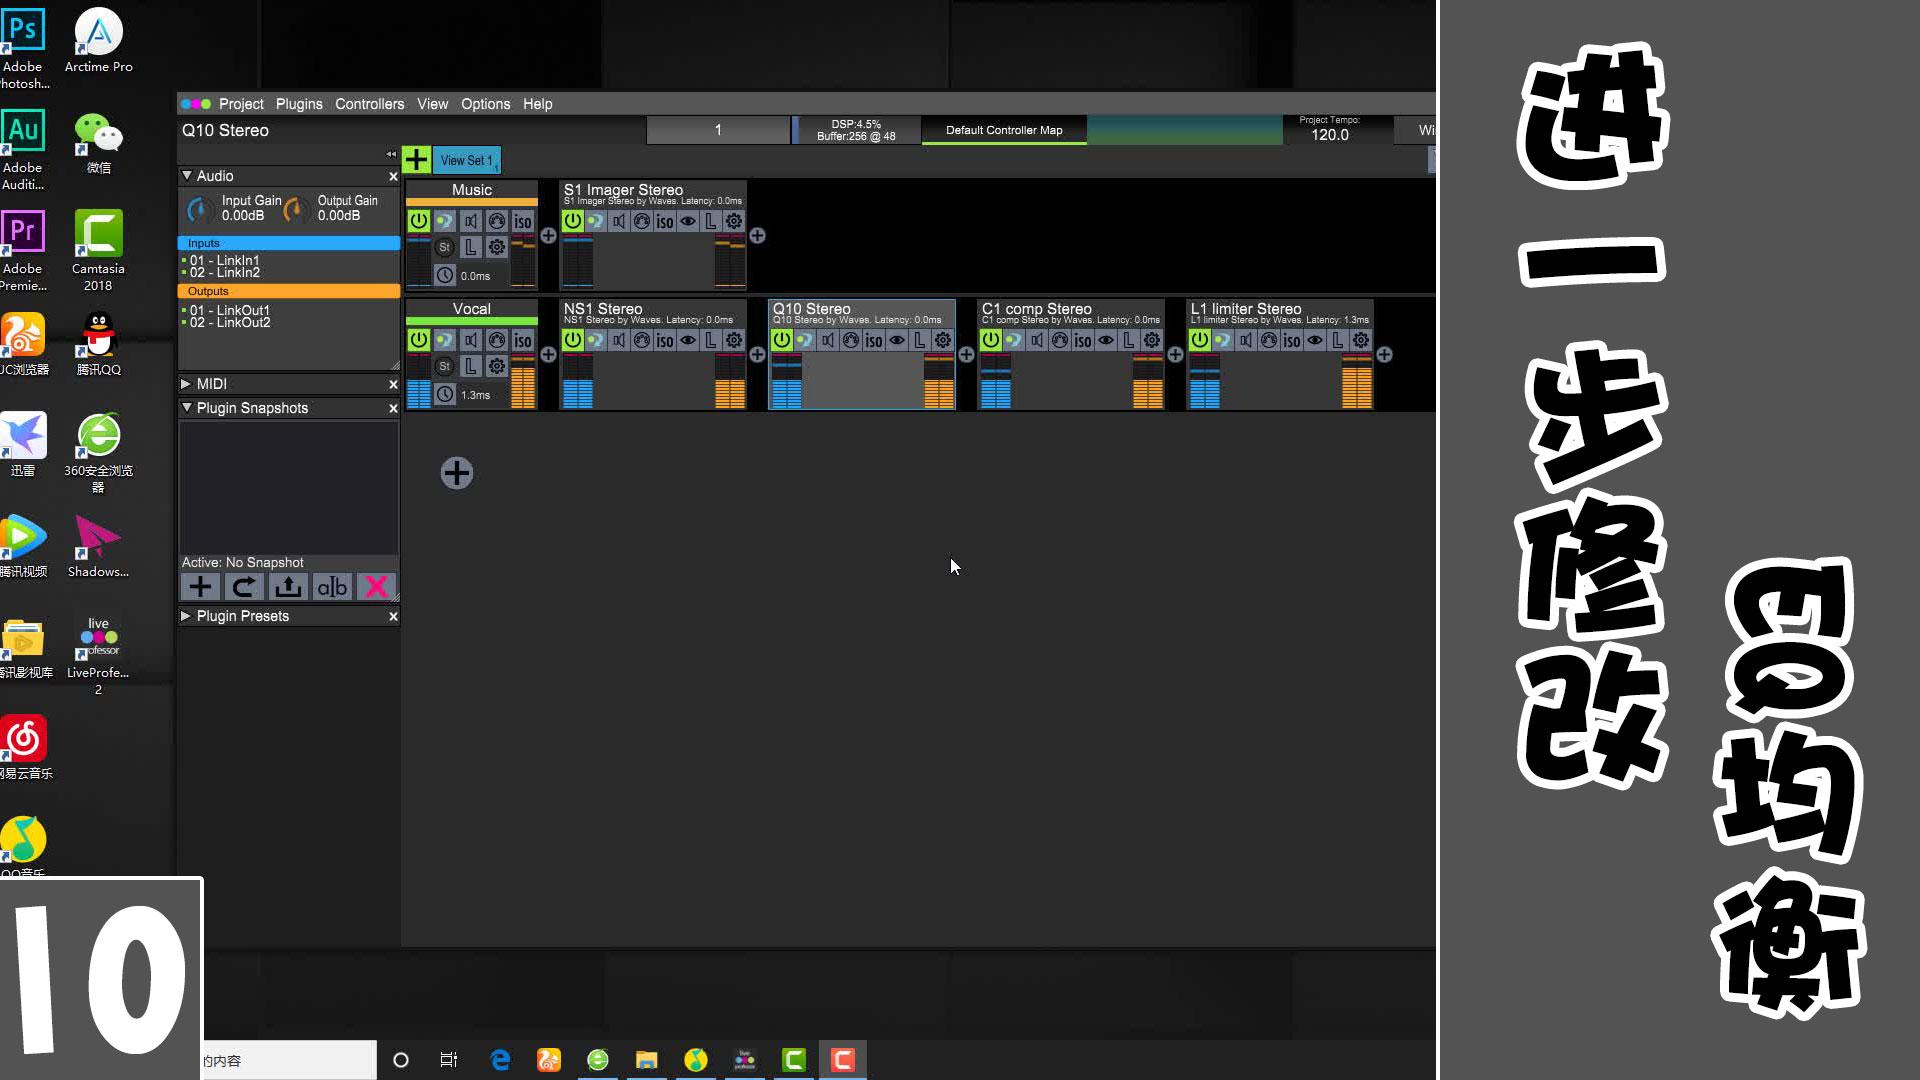 直播K歌VST效果机架调试教程[01]Liveprofessor机架 | 10-进一步修改EQ均衡